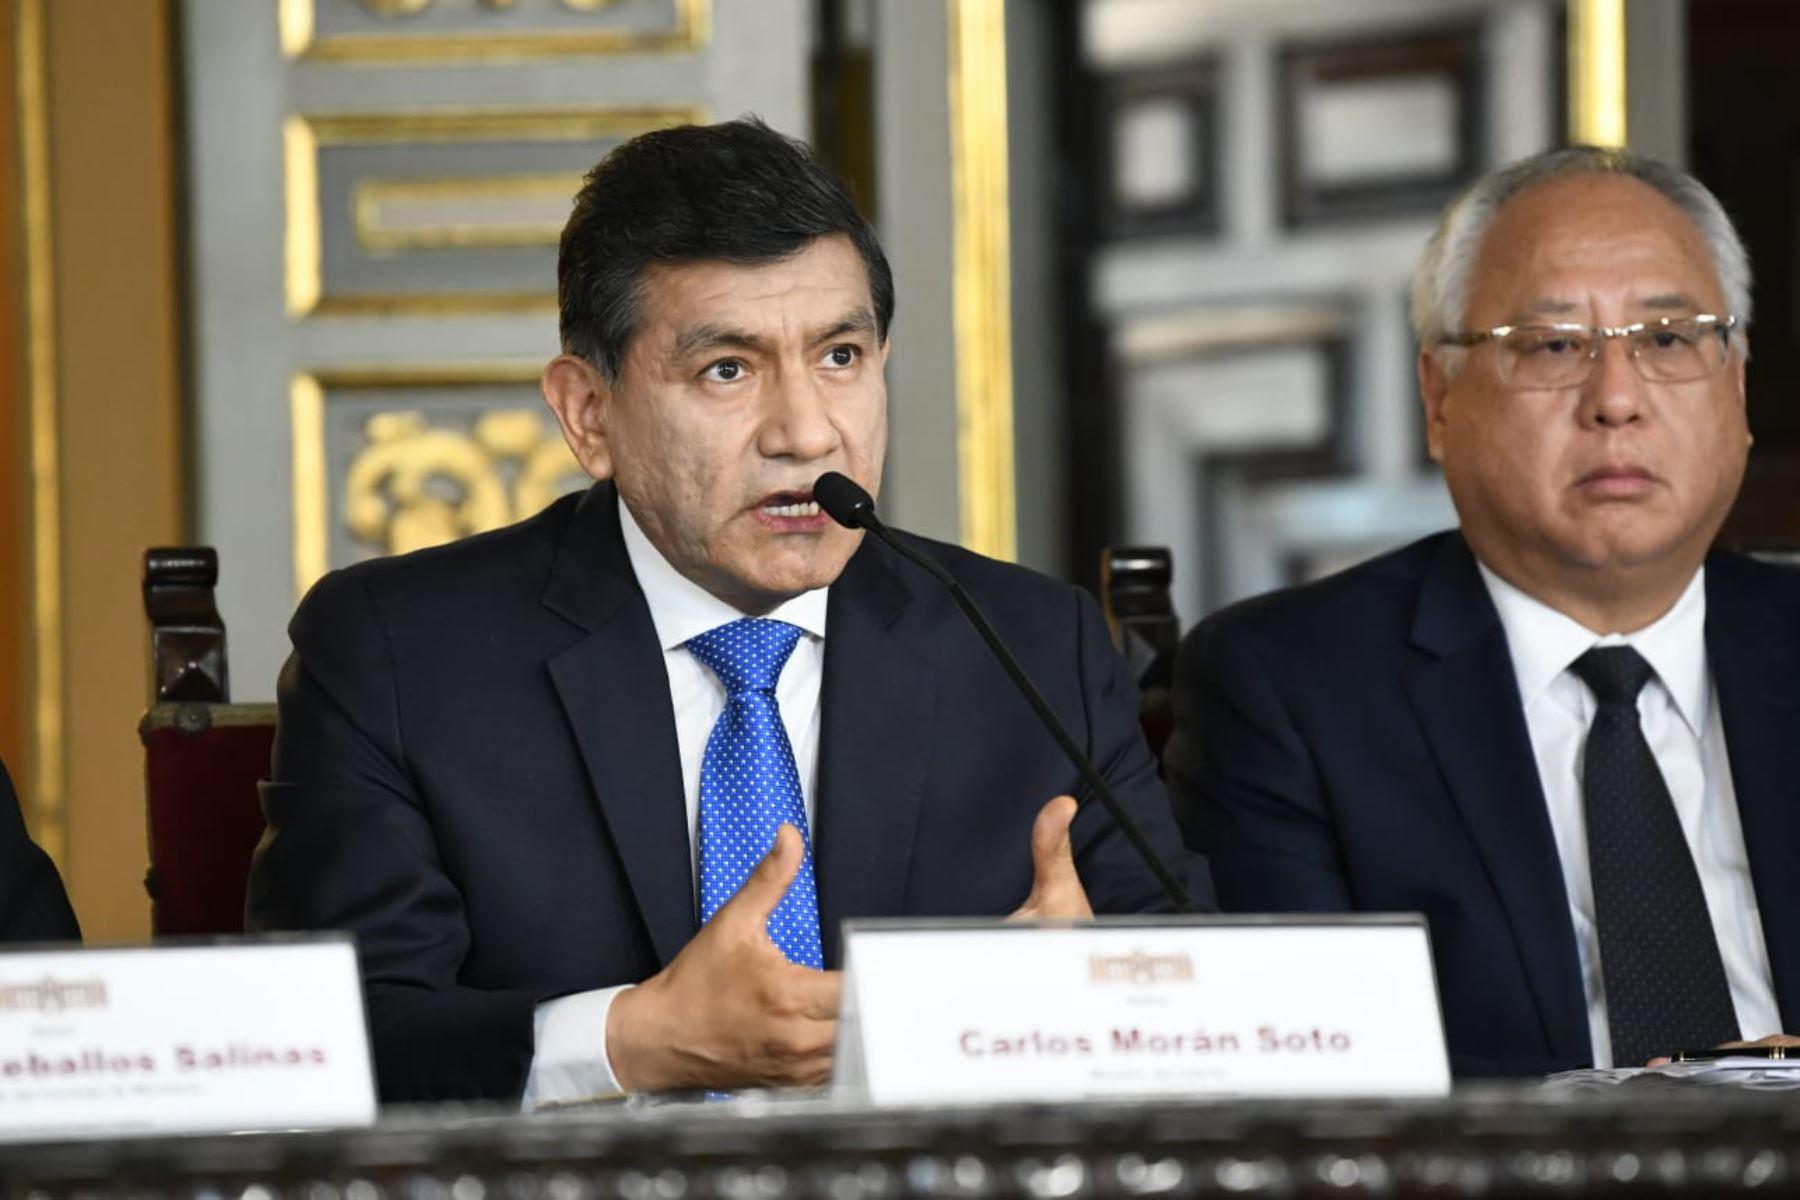 El Ministro del Interior, Carlos Morán Soto, durante la presentación del Presupuesto del Sector Público para el Año Fiscal 2020. Foto: ANDINA/ Difusión